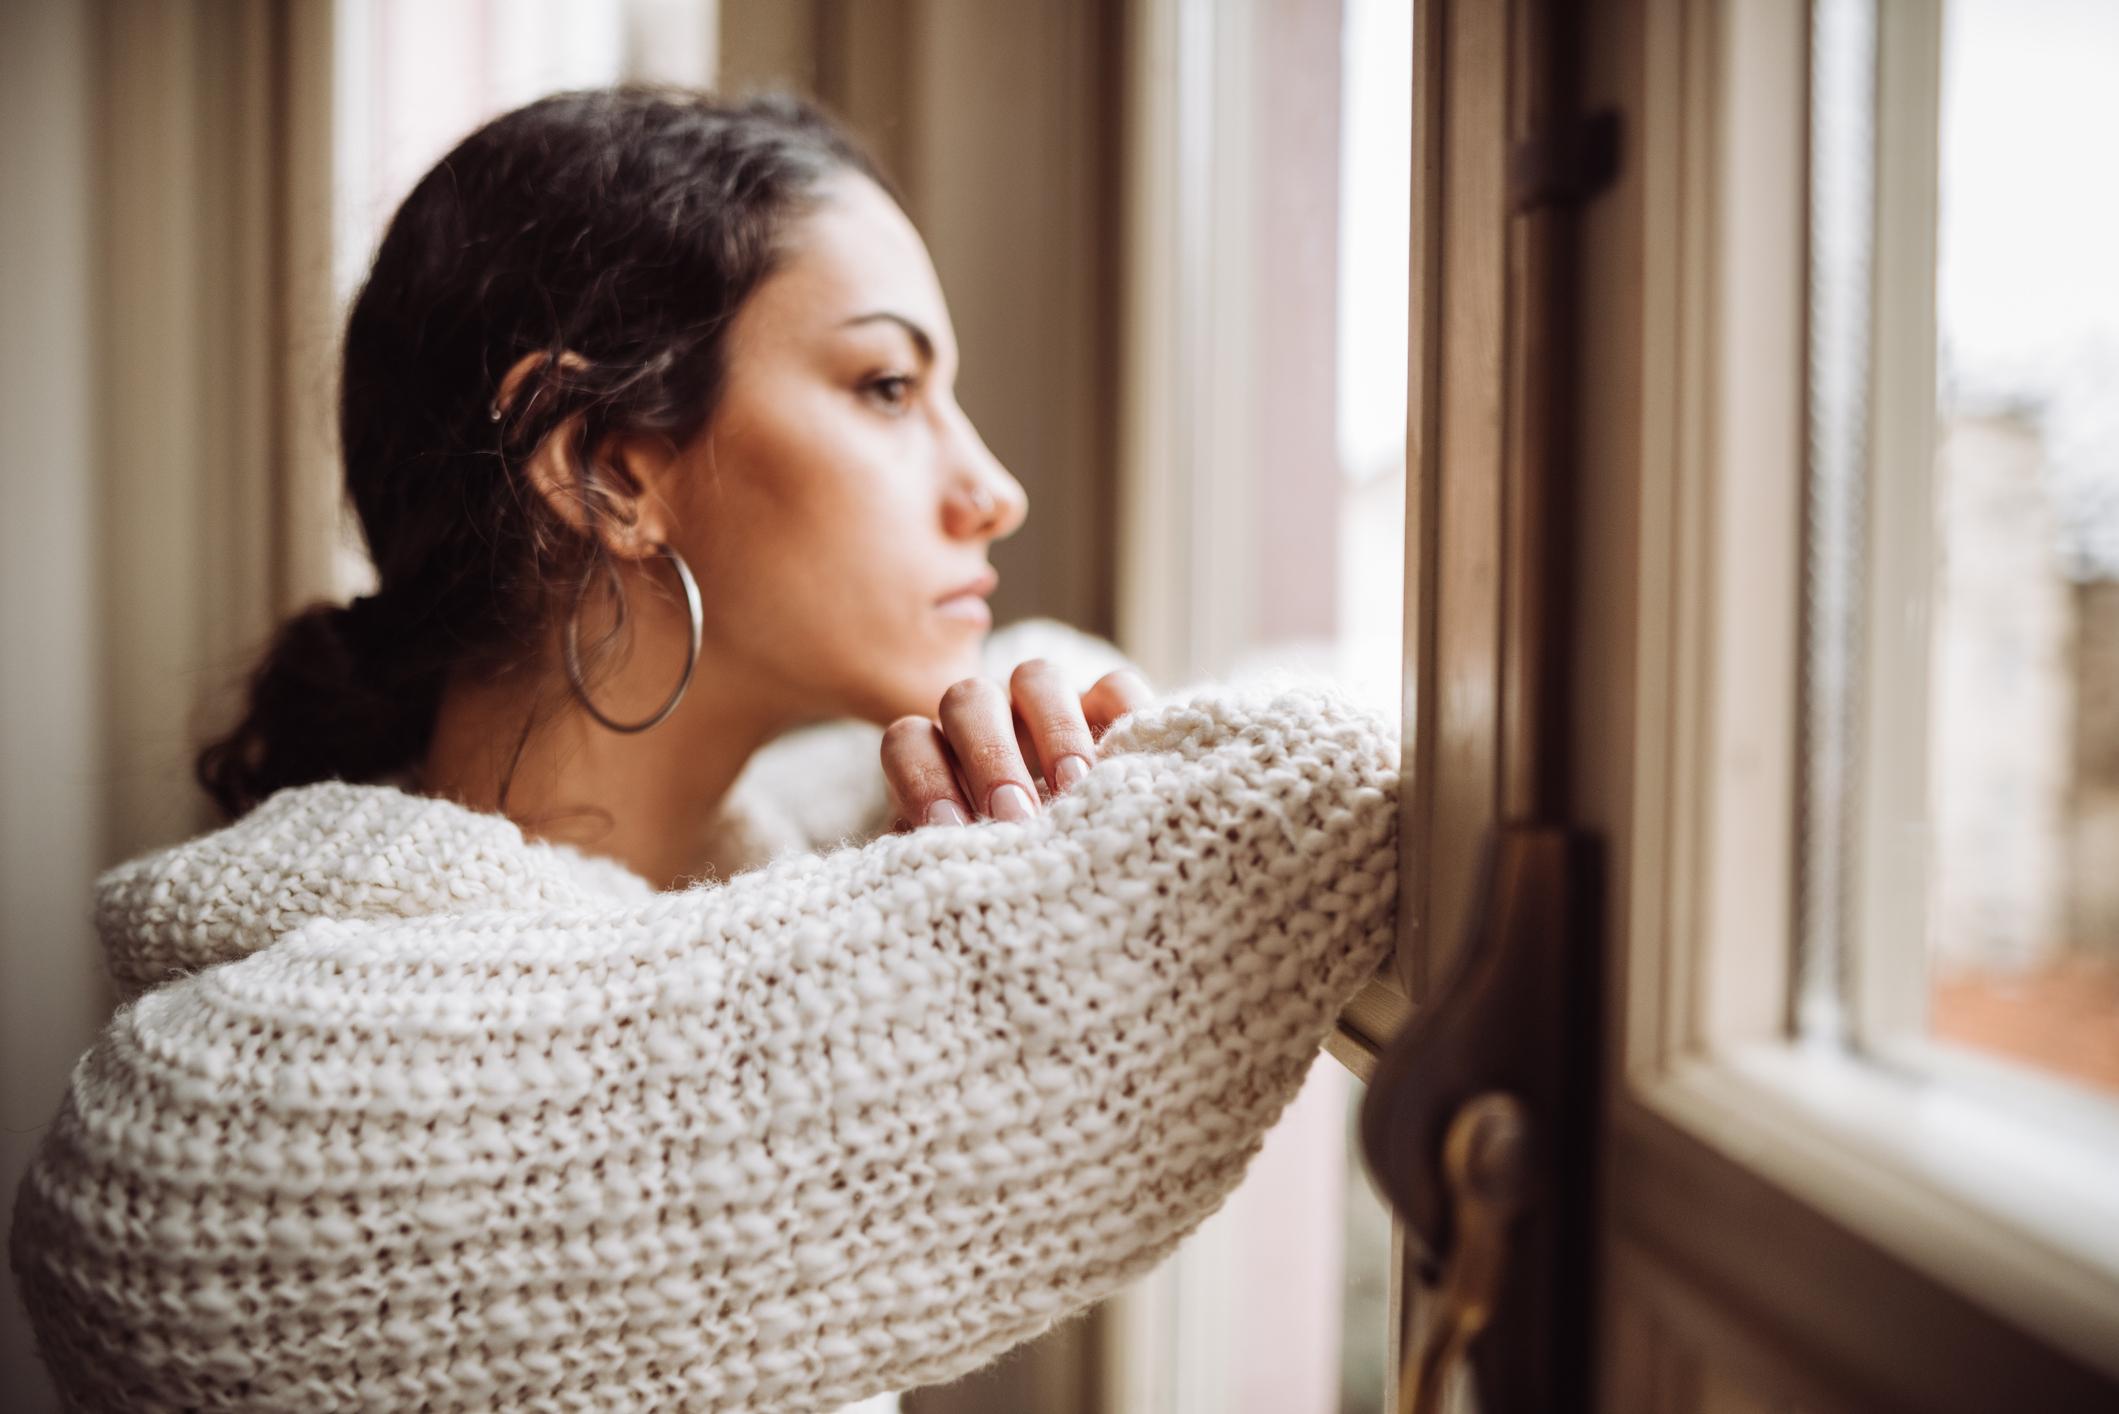 Controlar a ansiedade e stress em 5 passos